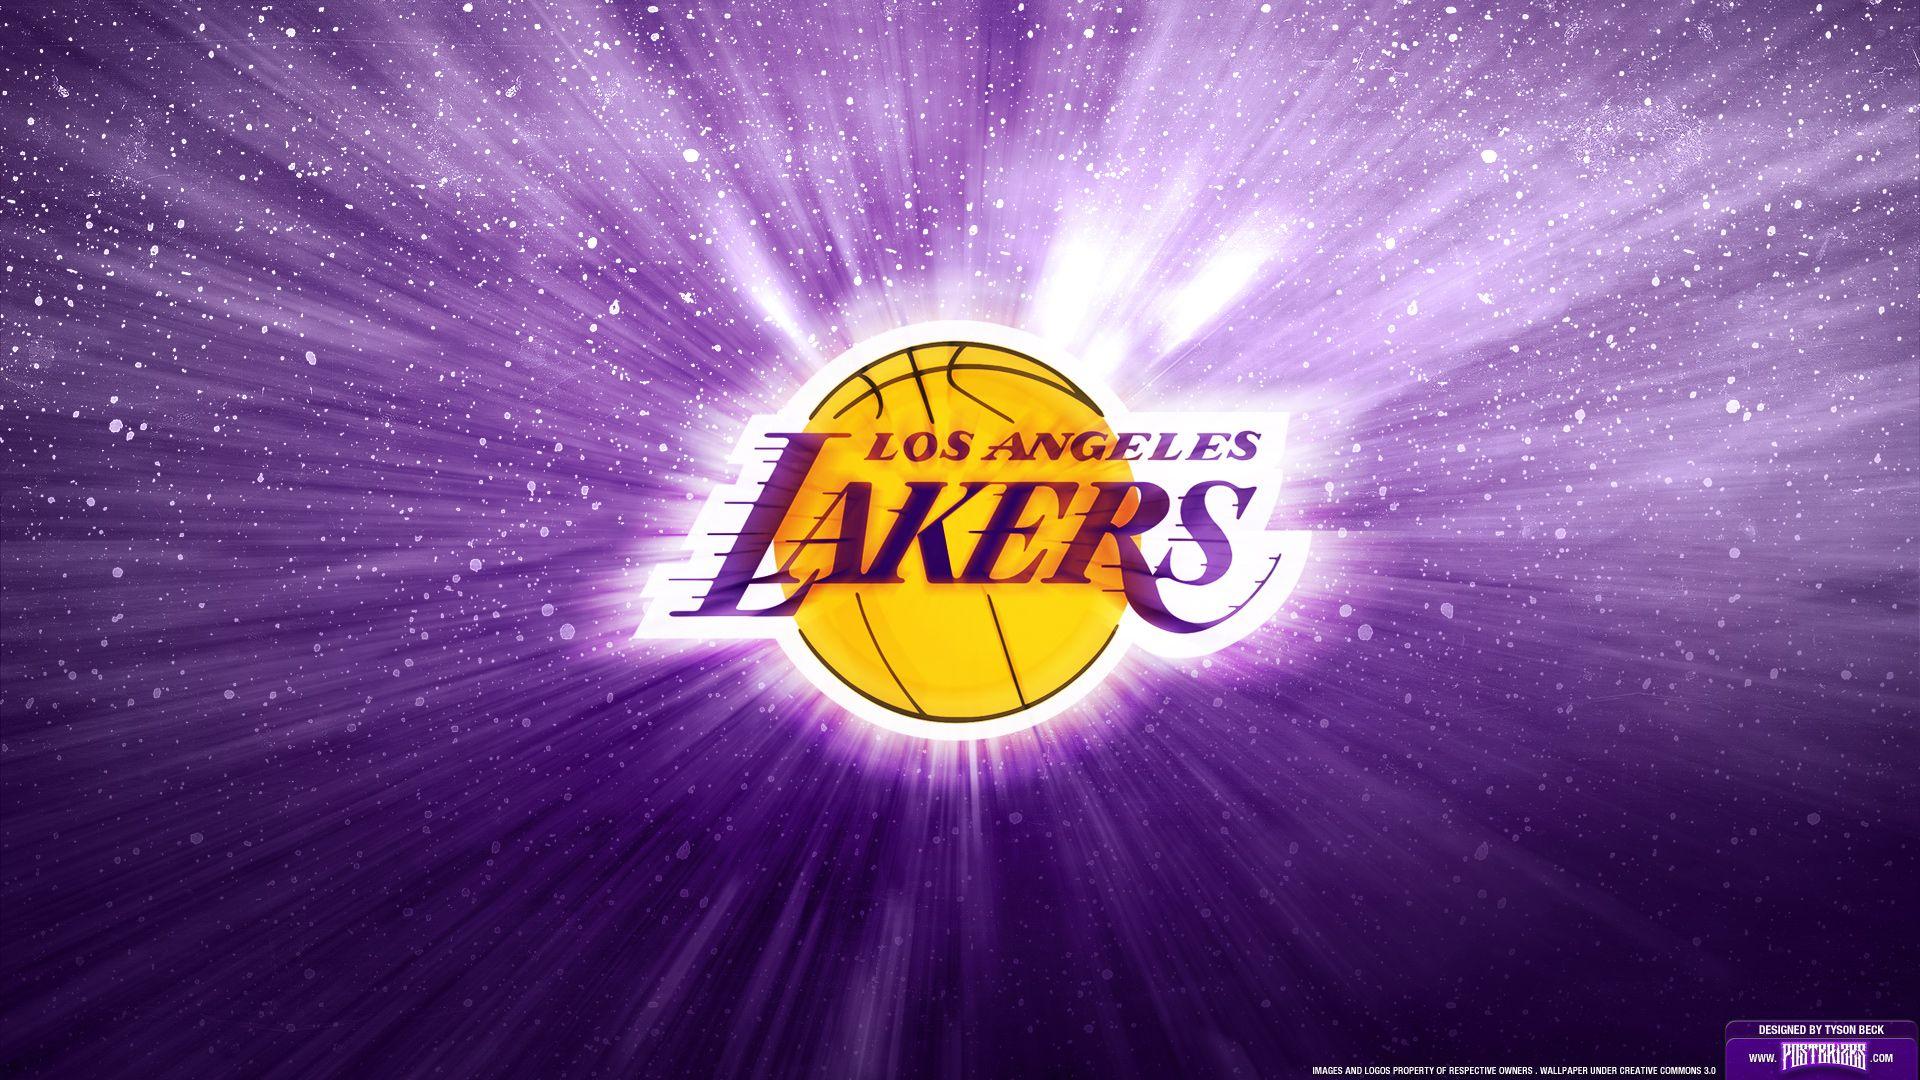 Lakers Wallpaper HD Los angeles lakers logo Lakers wallpaper 1920x1080